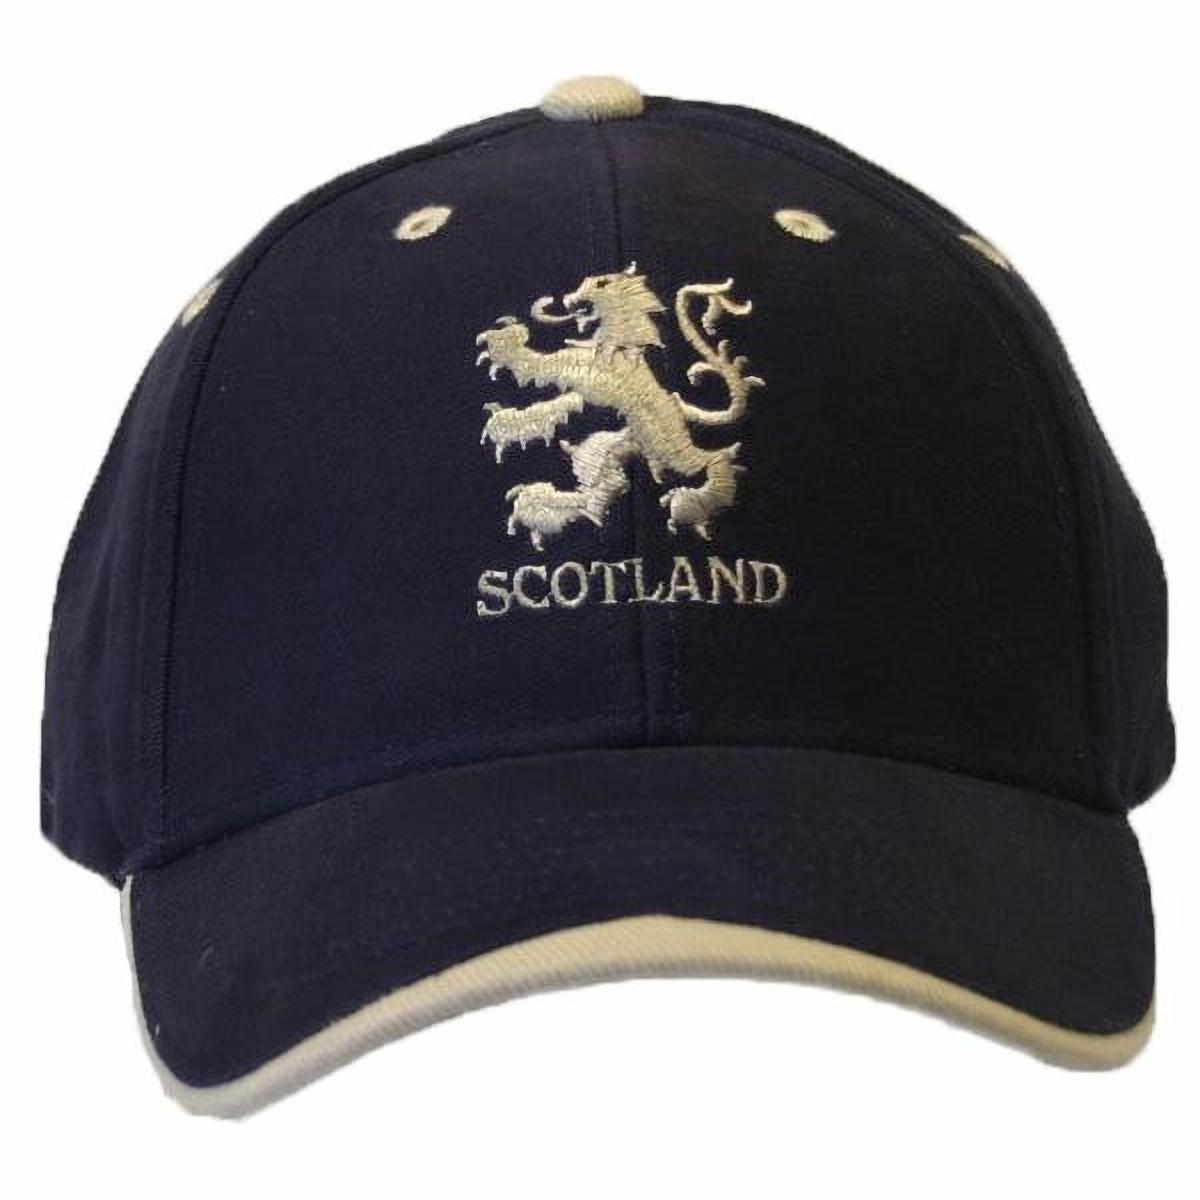 Scotland Kids//Childrens Boys Stripe Peruvian Hat with Tassels